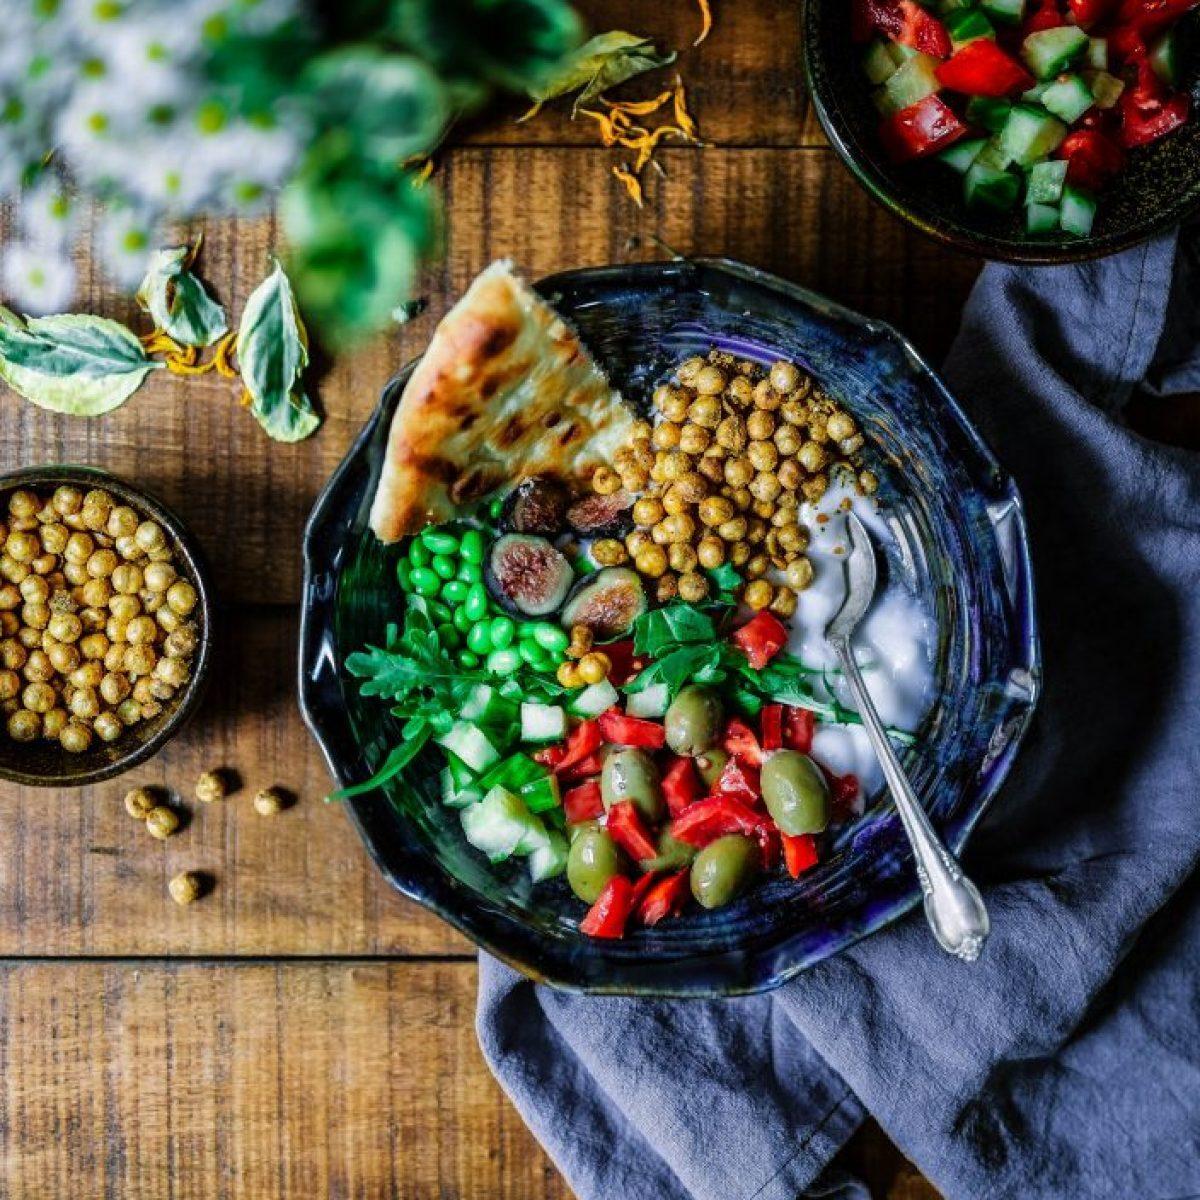 FICO Eatitaly World compie 2 anni e celebra un autentico successo